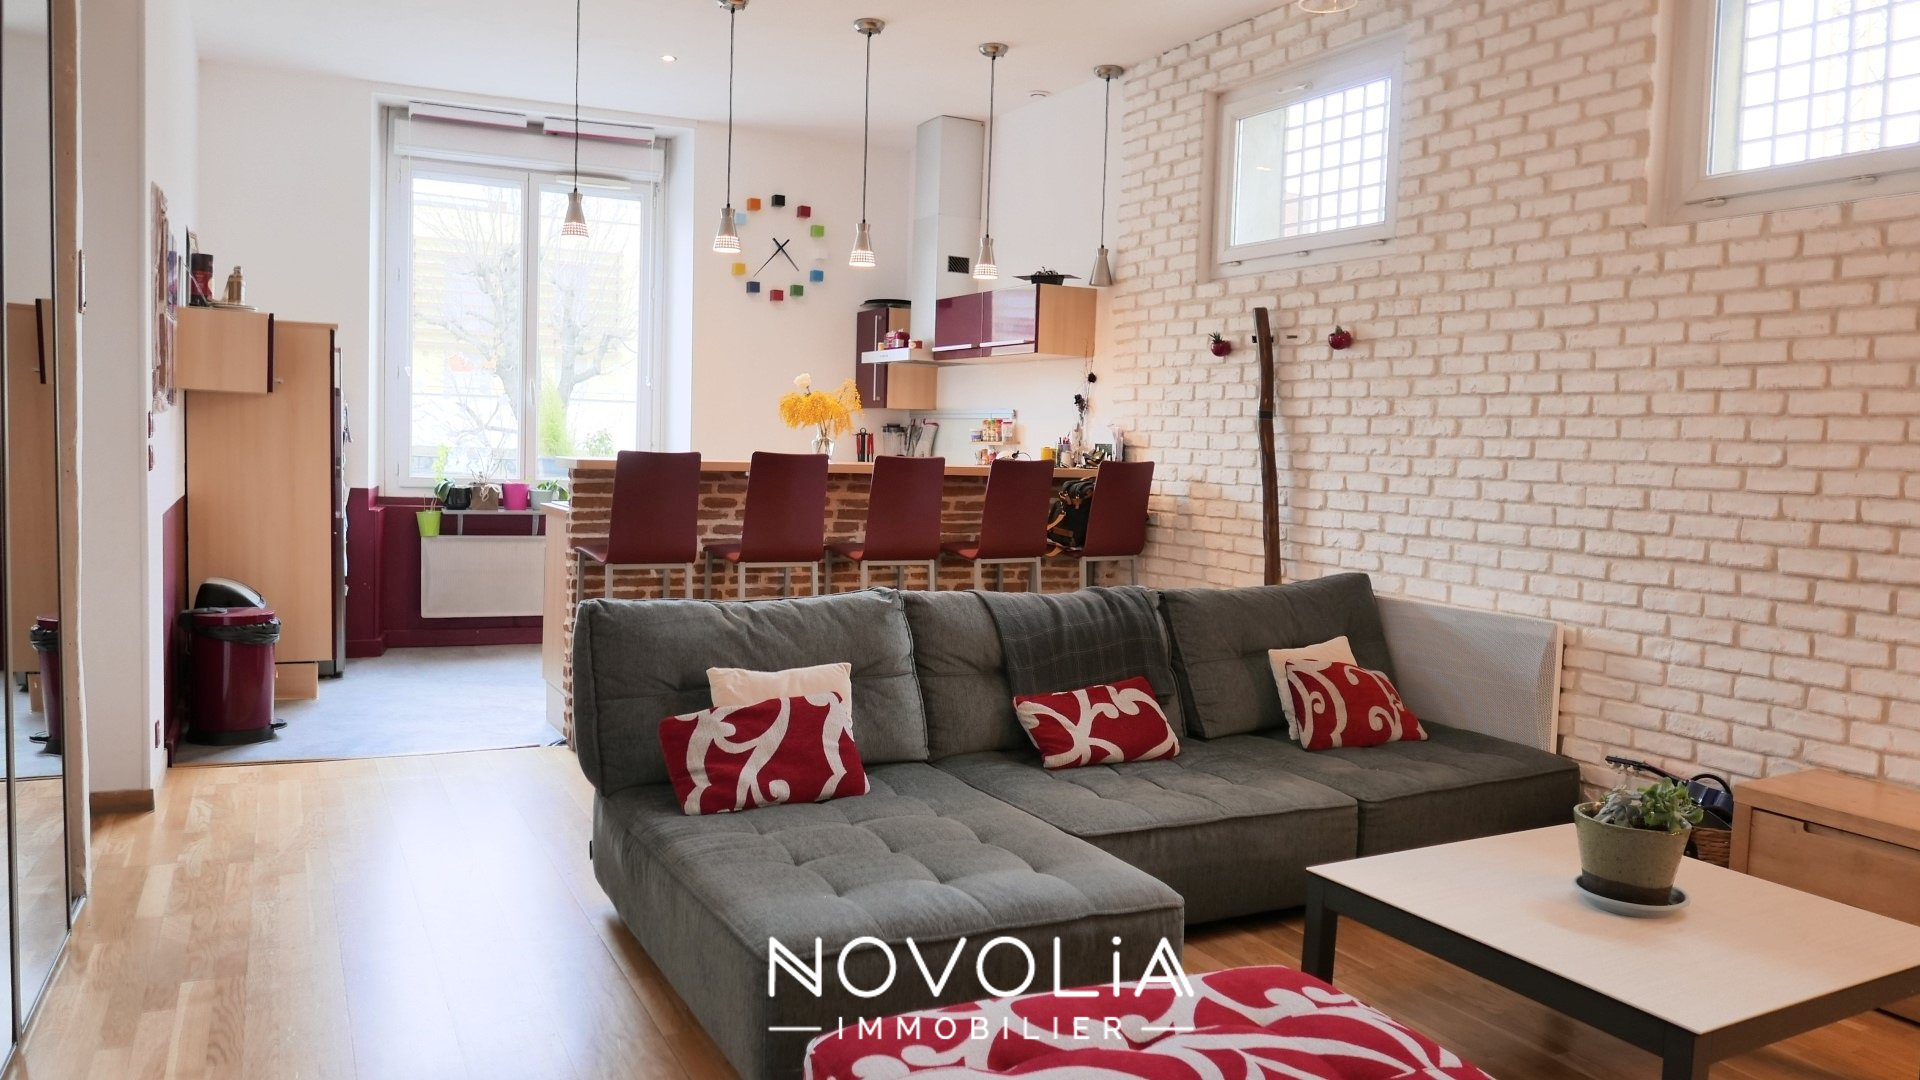 Achat Appartement Surface de 64.47 m², 3 pièces, Vénissieux (69200)